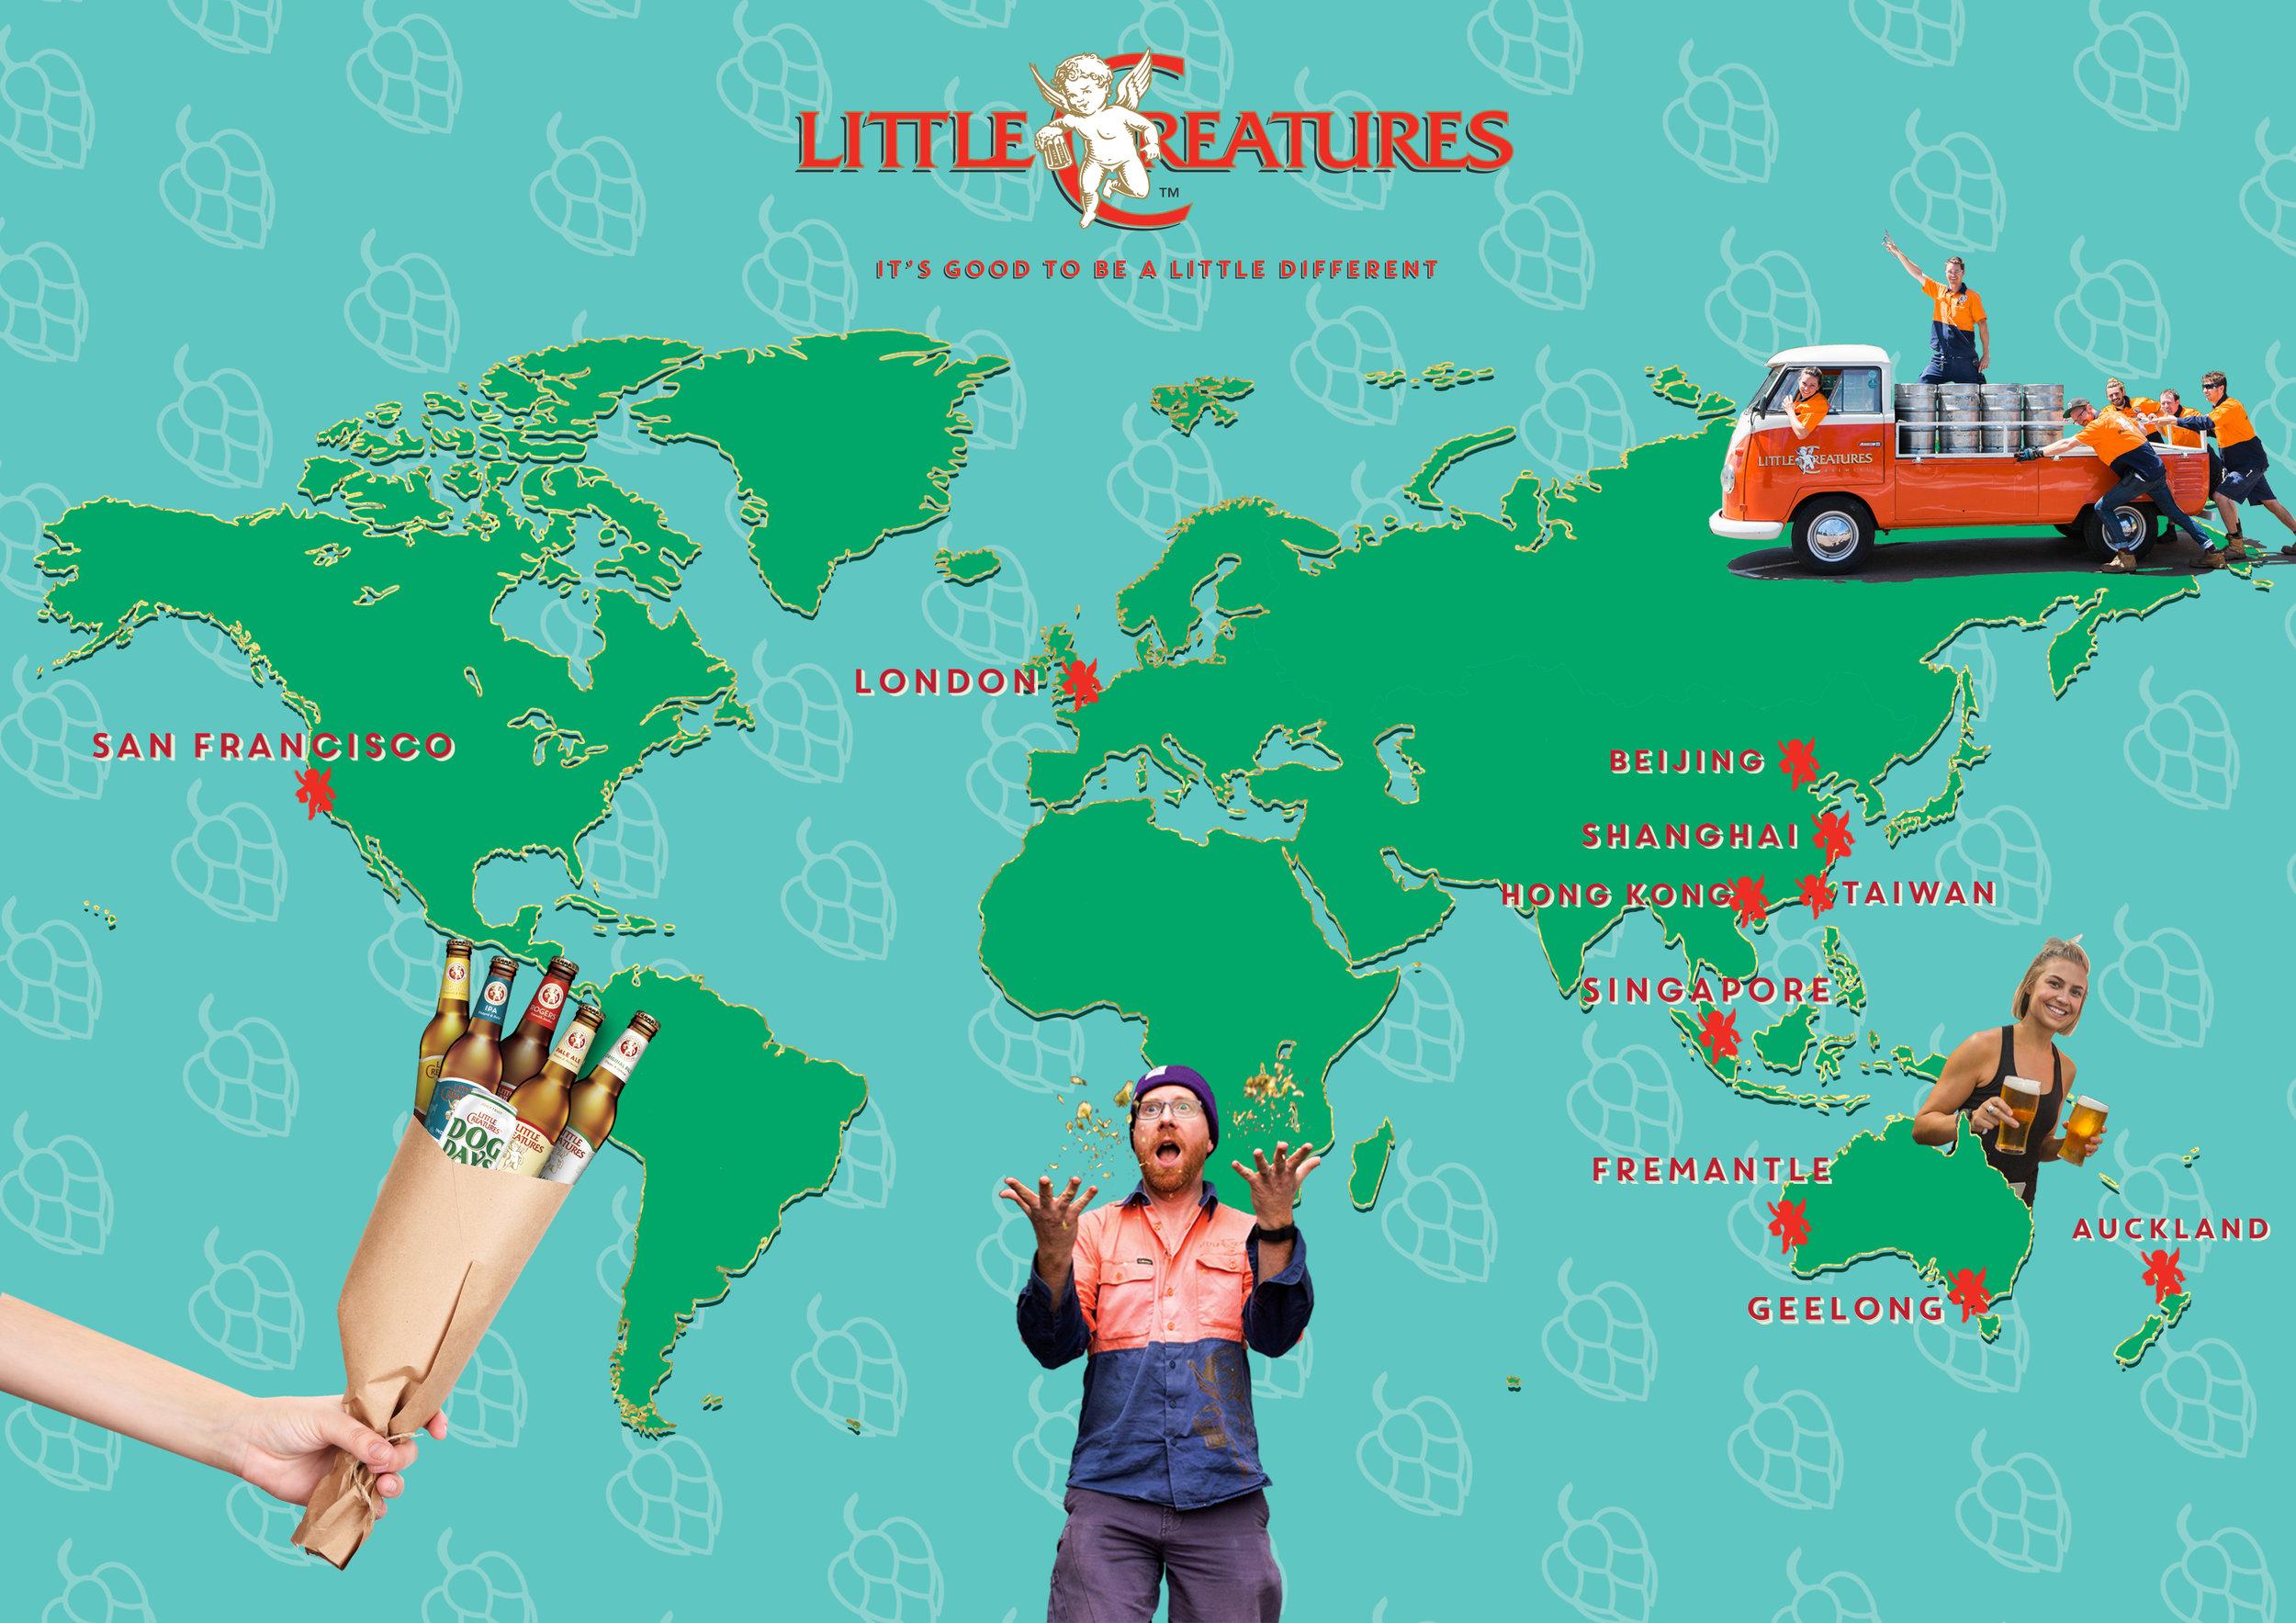 LittleCreatures_MapofWorld_March2019_A4_V2.jpg